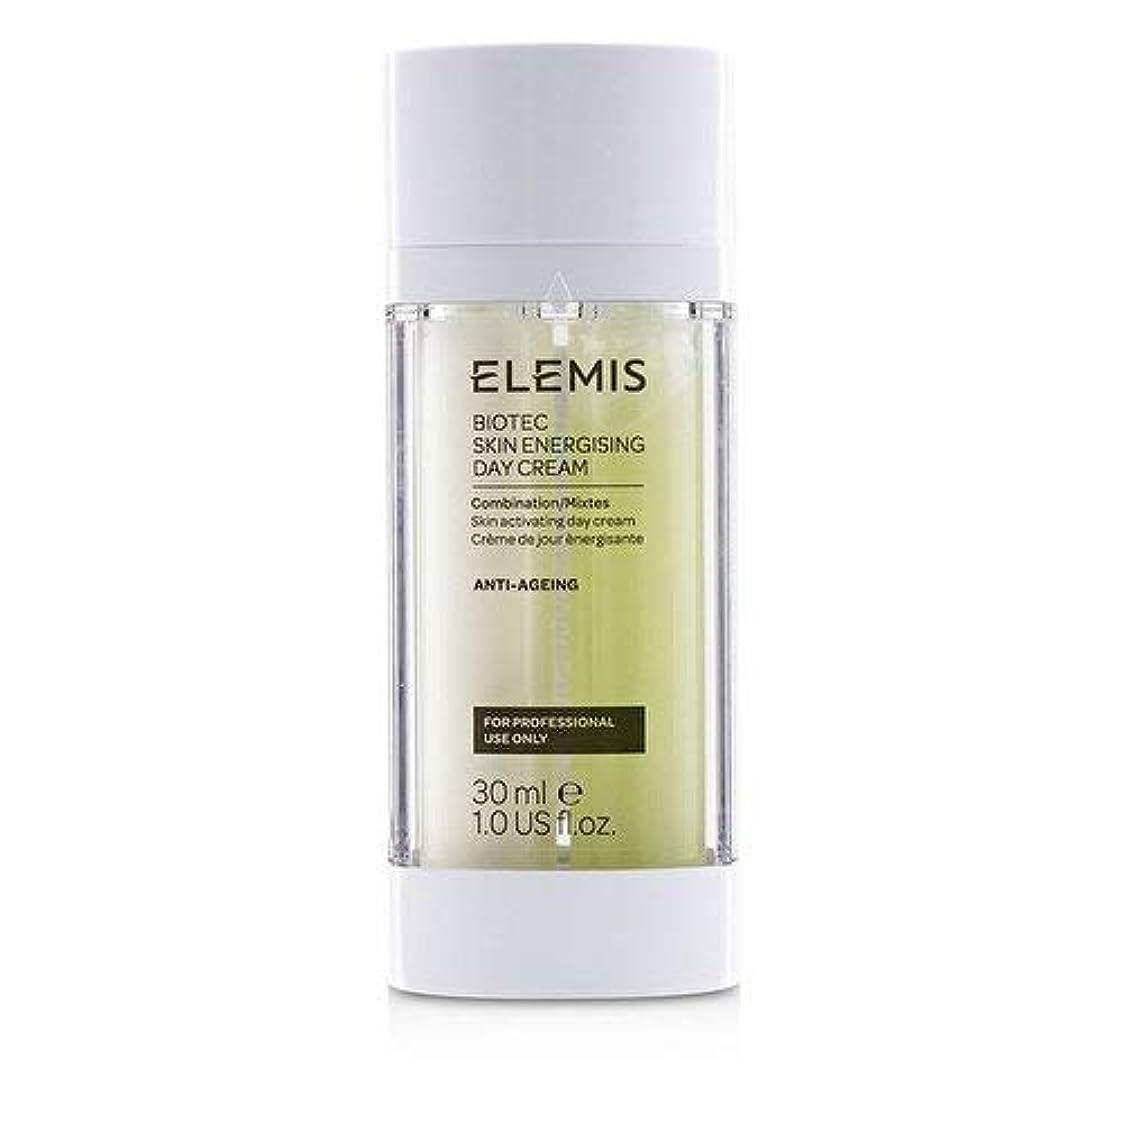 測定可能取るに足らない現在エレミス BIOTEC Skin Energising Day Cream - Combination (Salon Product) 30ml/1oz並行輸入品